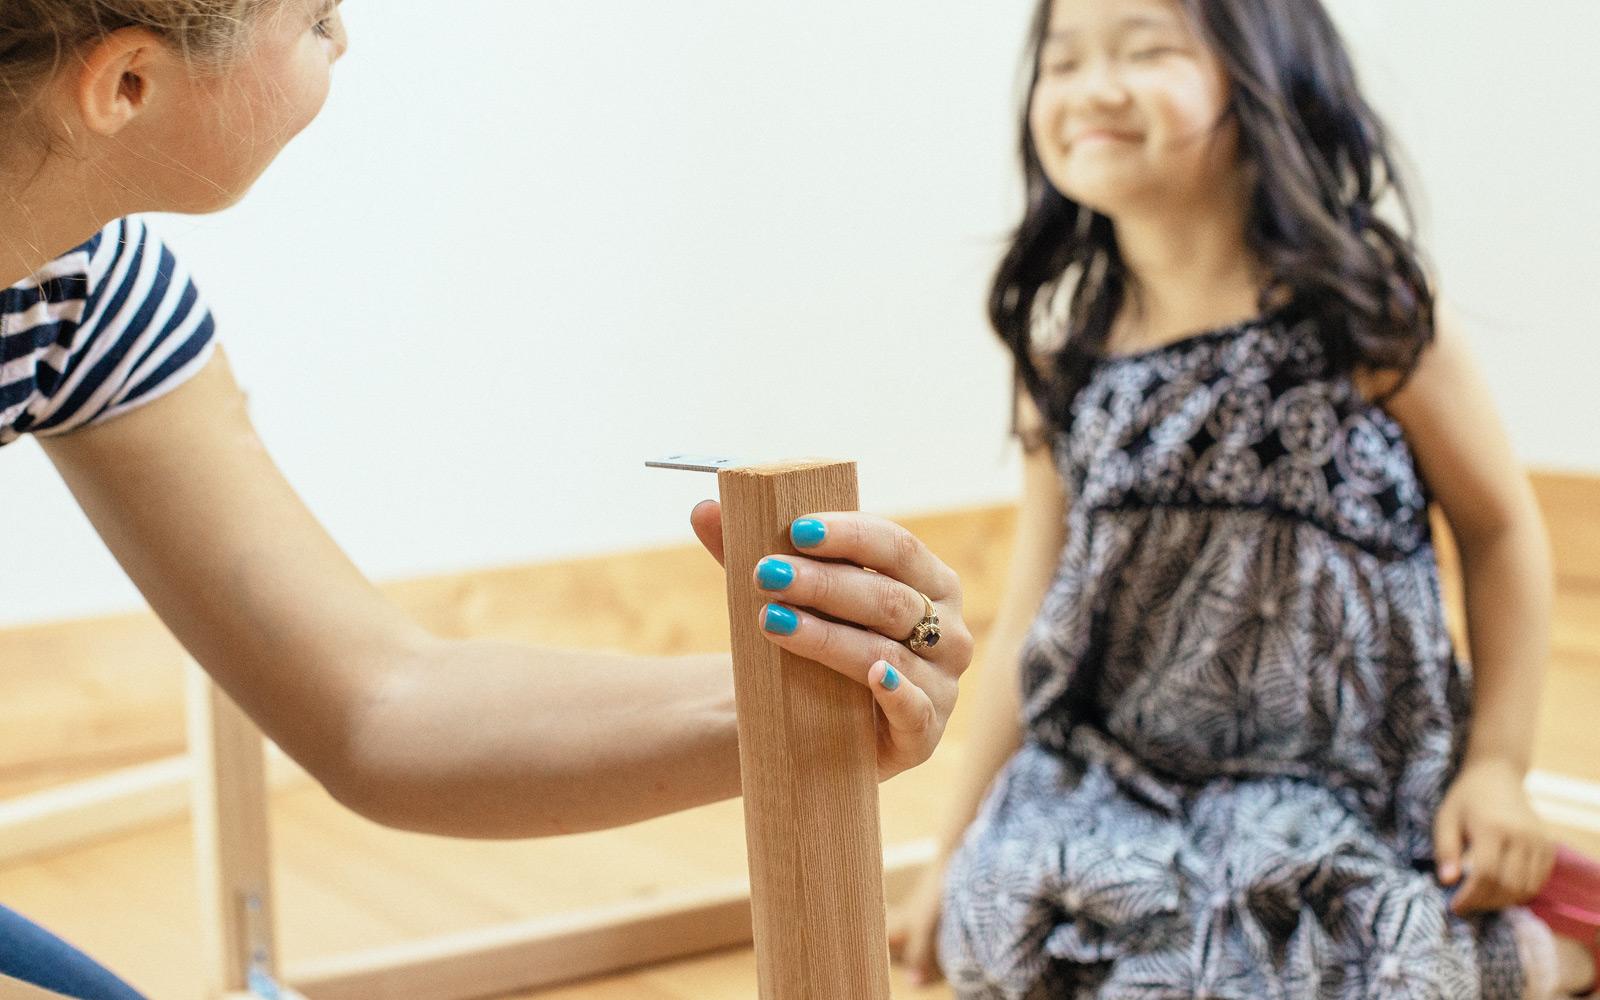 girl making lemonade stand